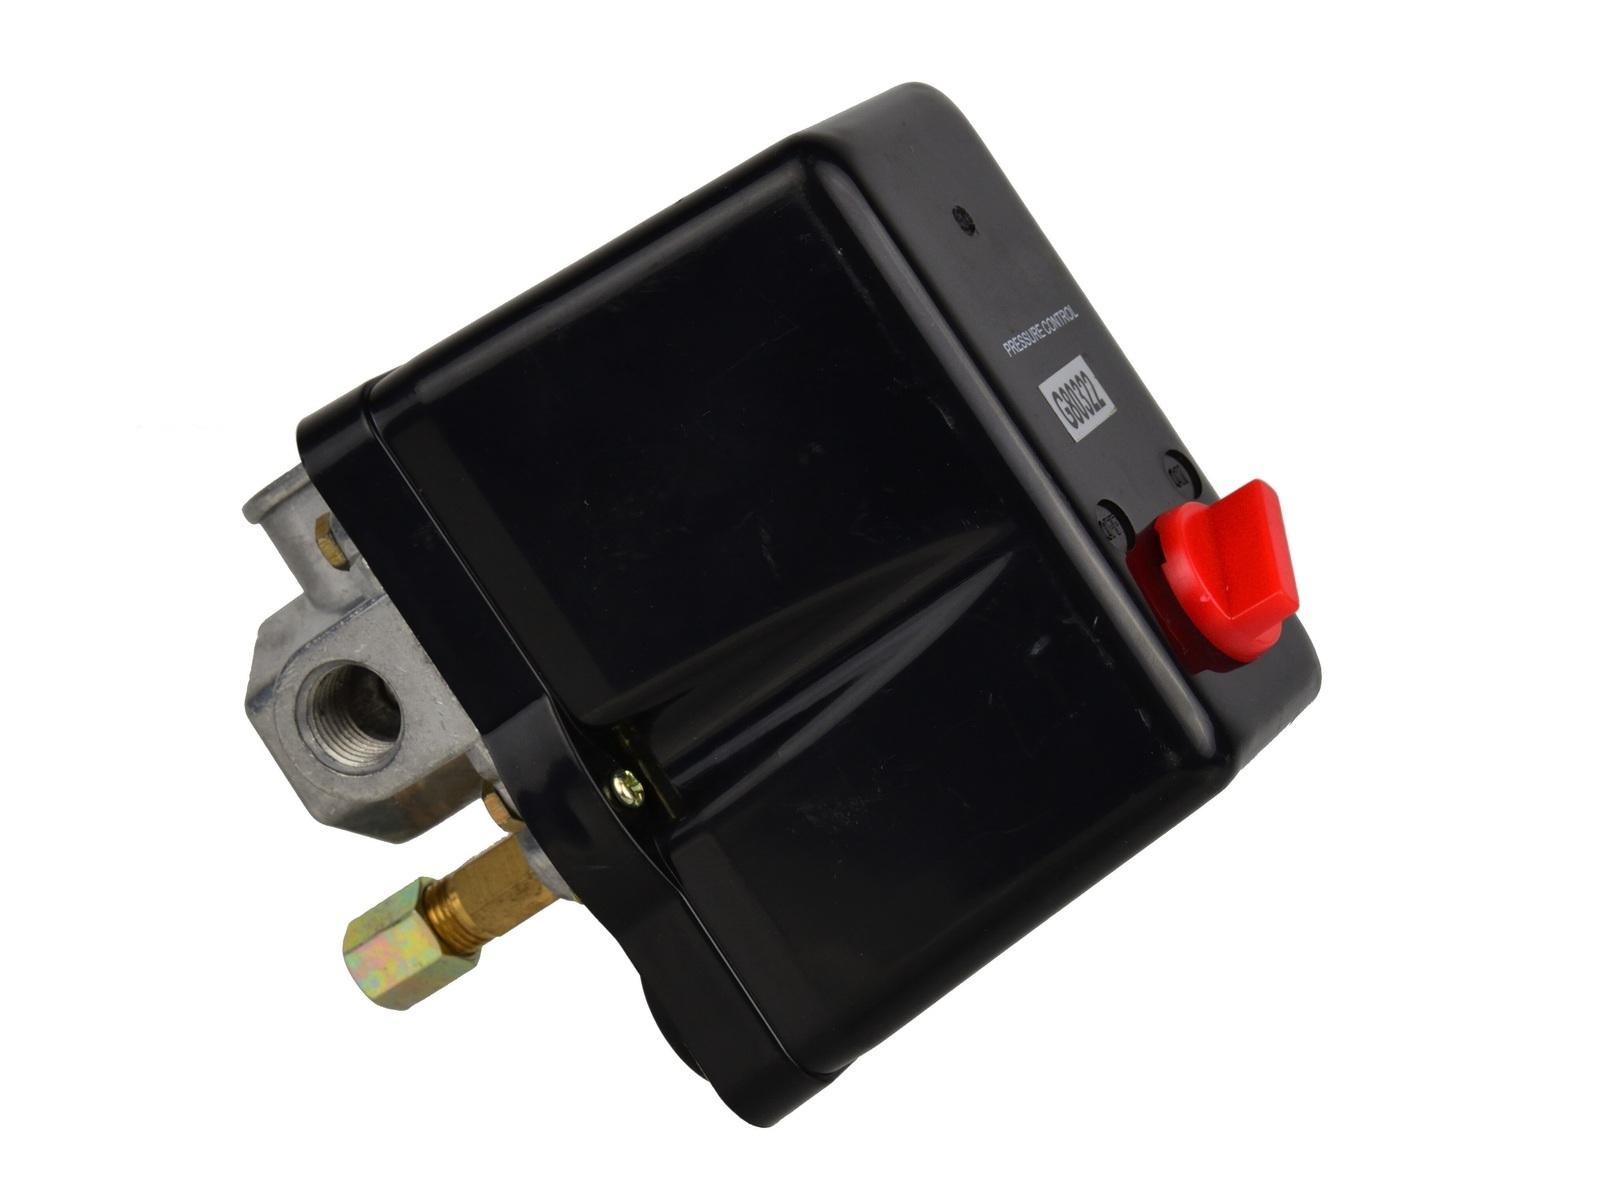 Tlakový spínač - presostat 400V, maximální tlak 12 bar